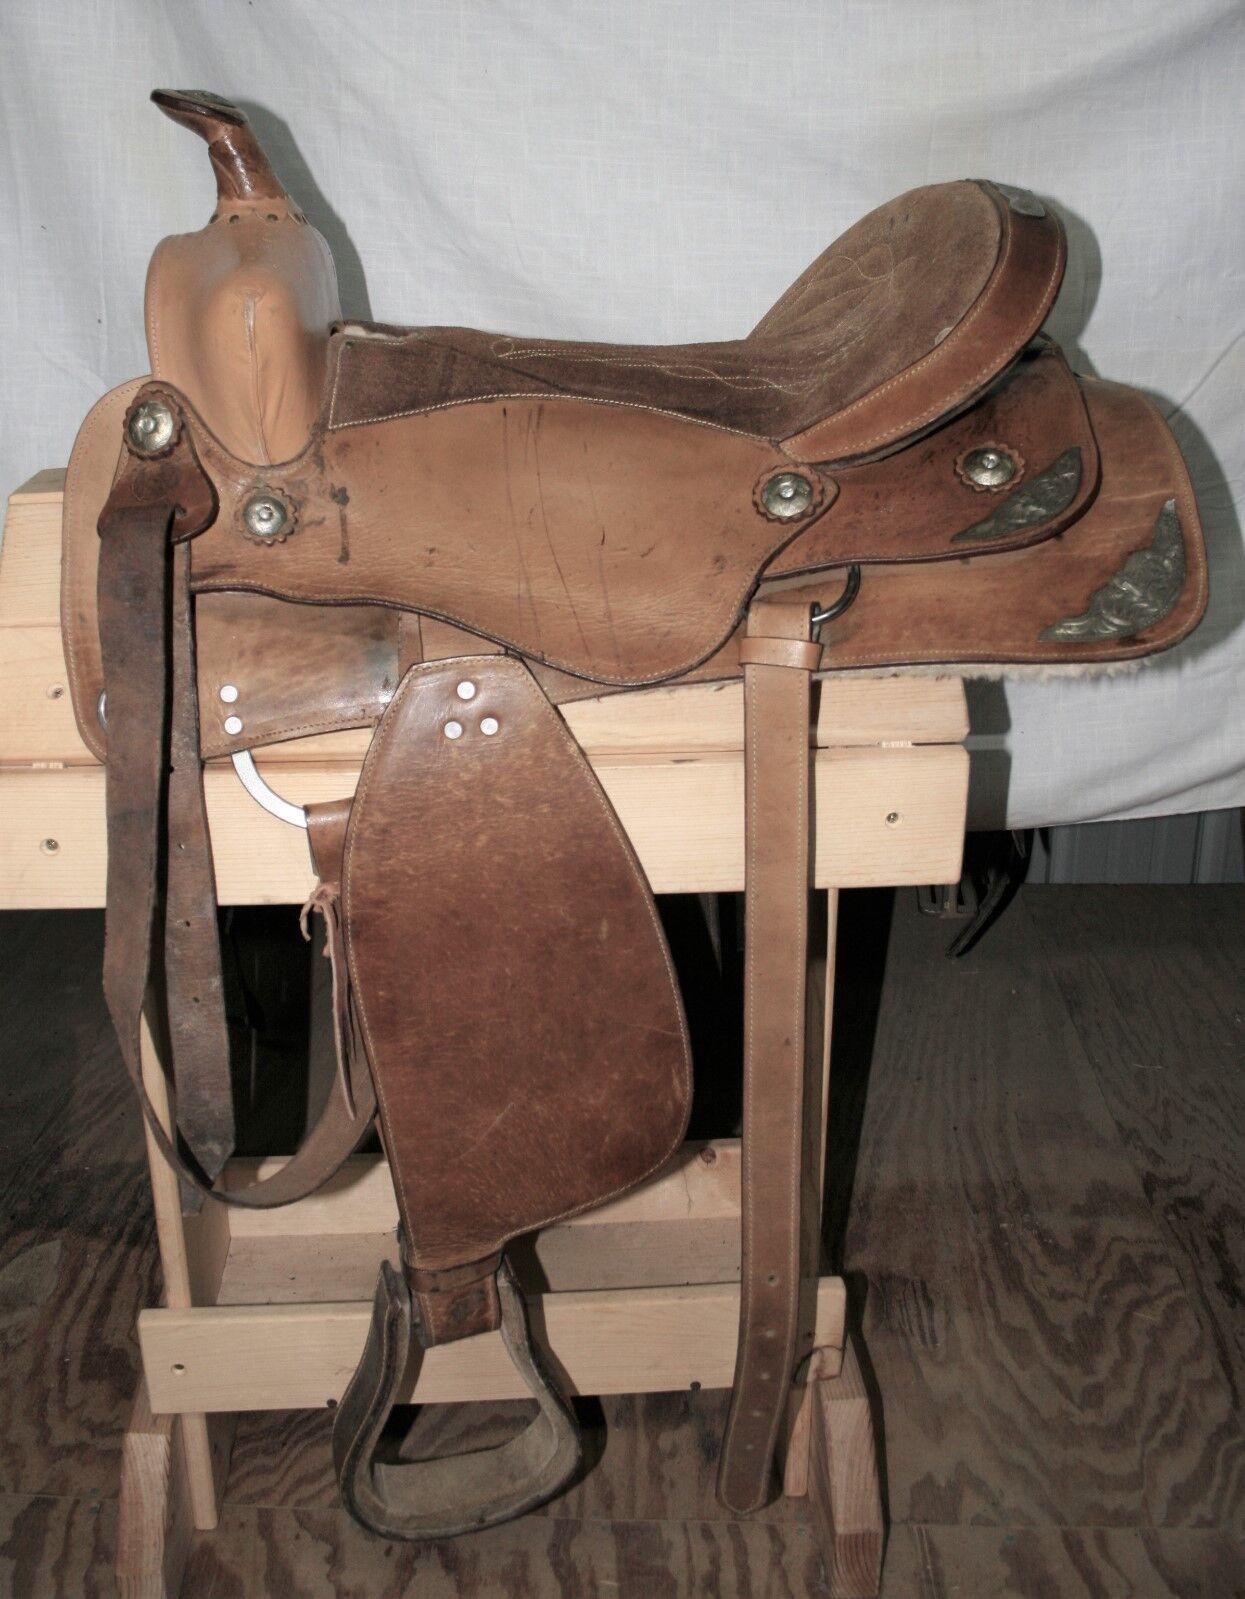 USED Saddle Inc. Western Saddle - 16  Seat